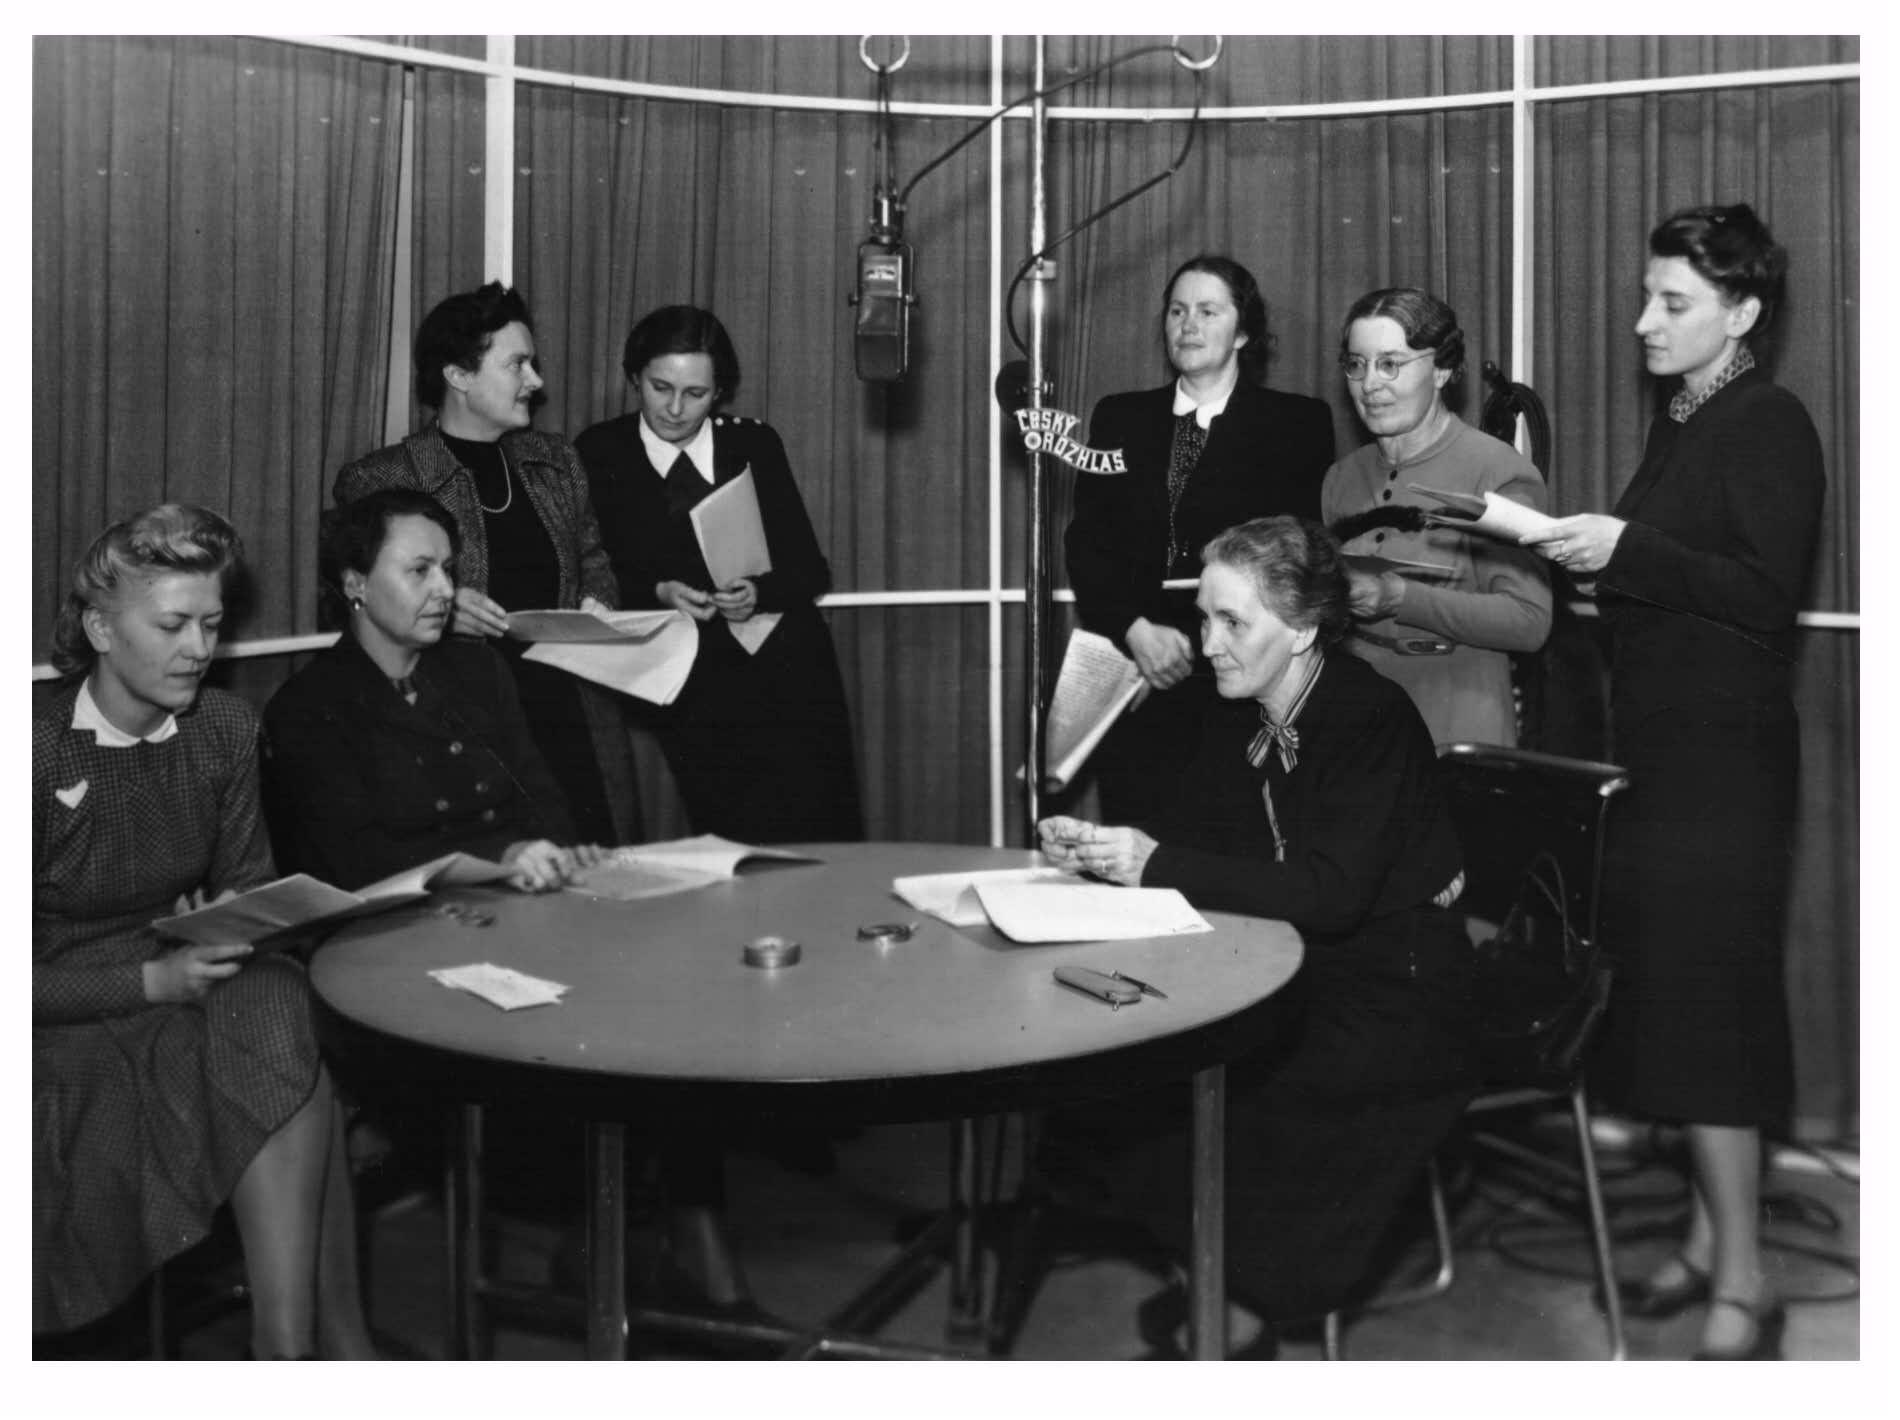 Rozhlasové vysílání k 50. výročí založení dívčího reálného gymnázia Krásnohorská, třetí zleva je Milada Součková